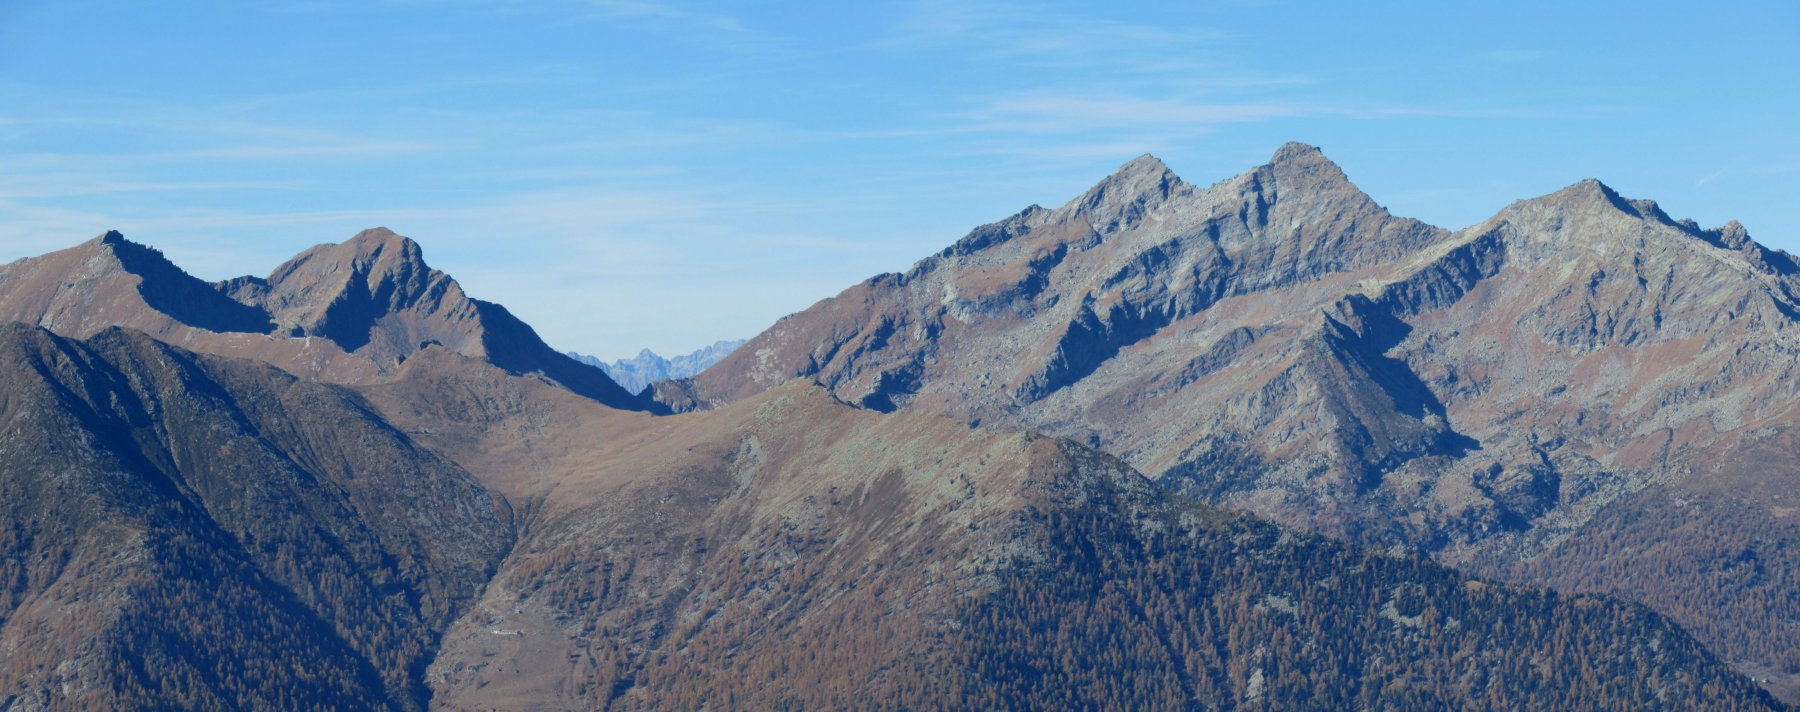 Monte Crabun, Corno del Lago e le Dame di Challand